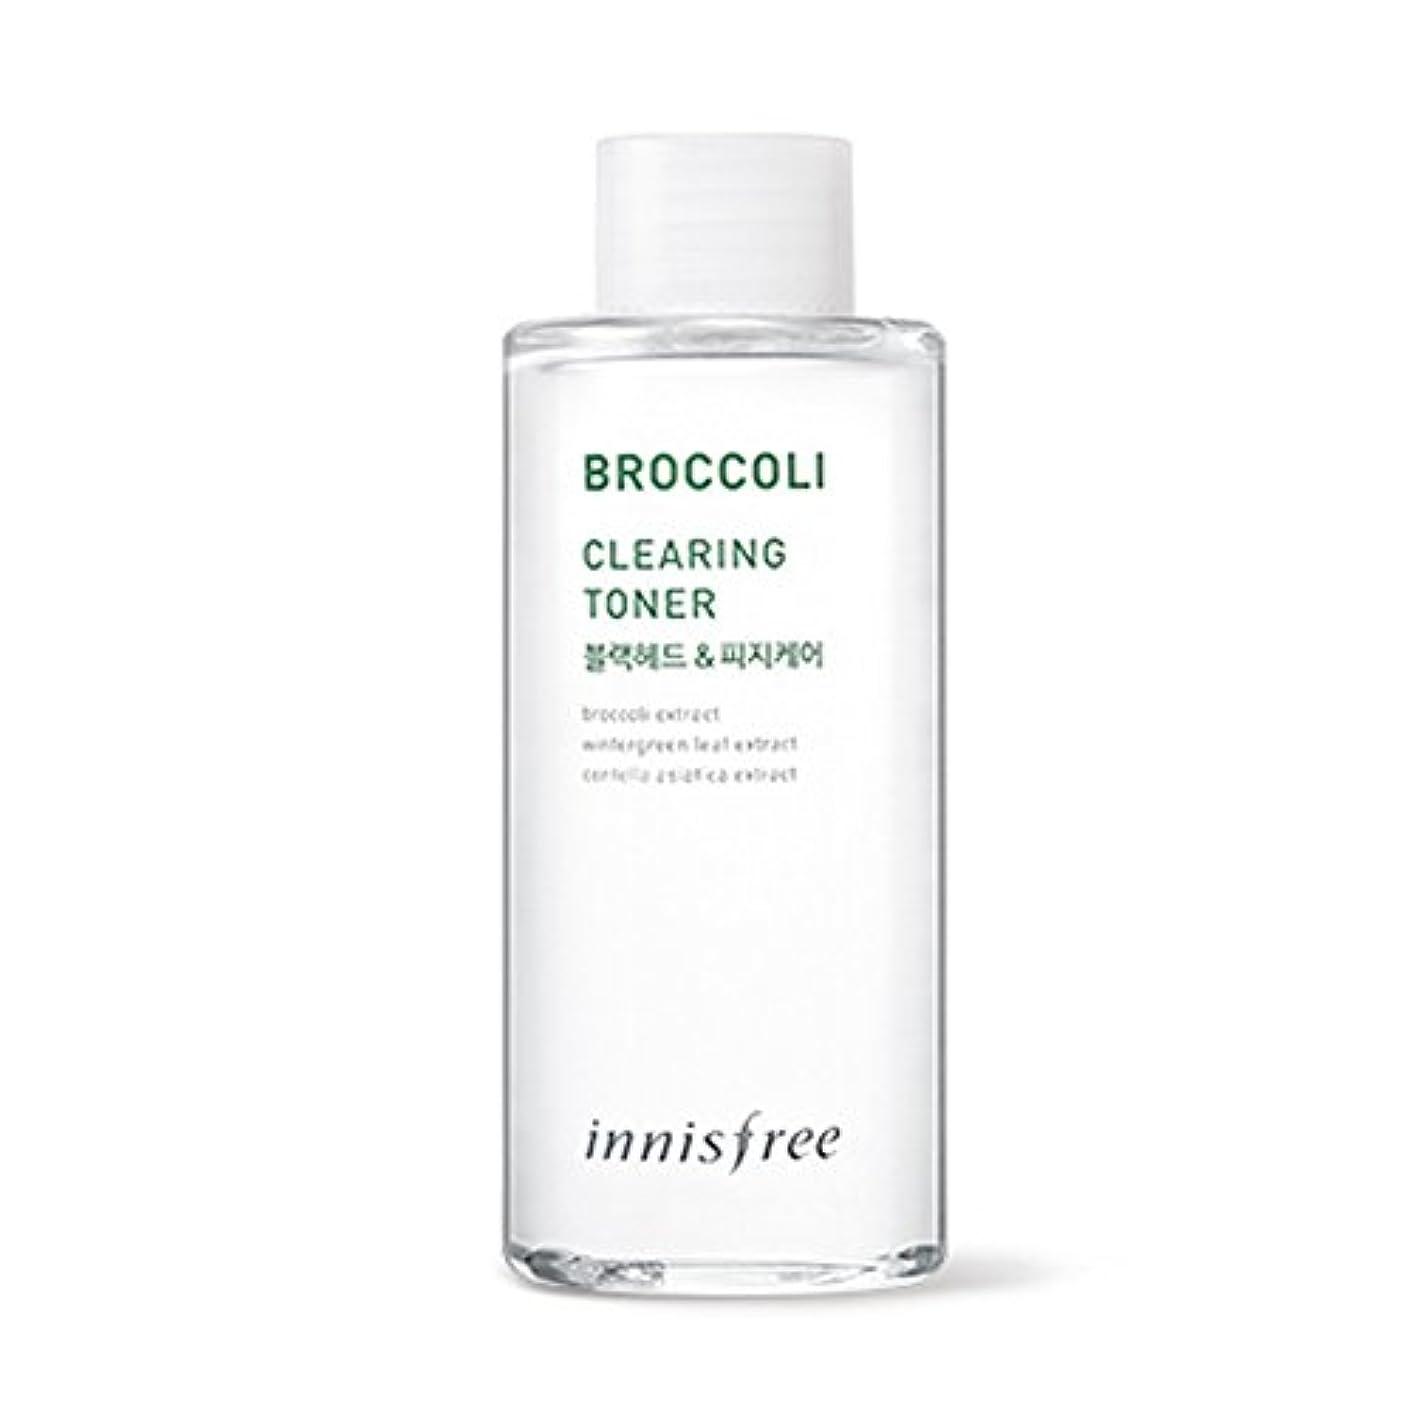 境界フロンティアログイニスフリーブロッコリークリアリングトナー150ml Innisfree Broccoli Clearing Toner 150ml [海外直送品][並行輸入品]